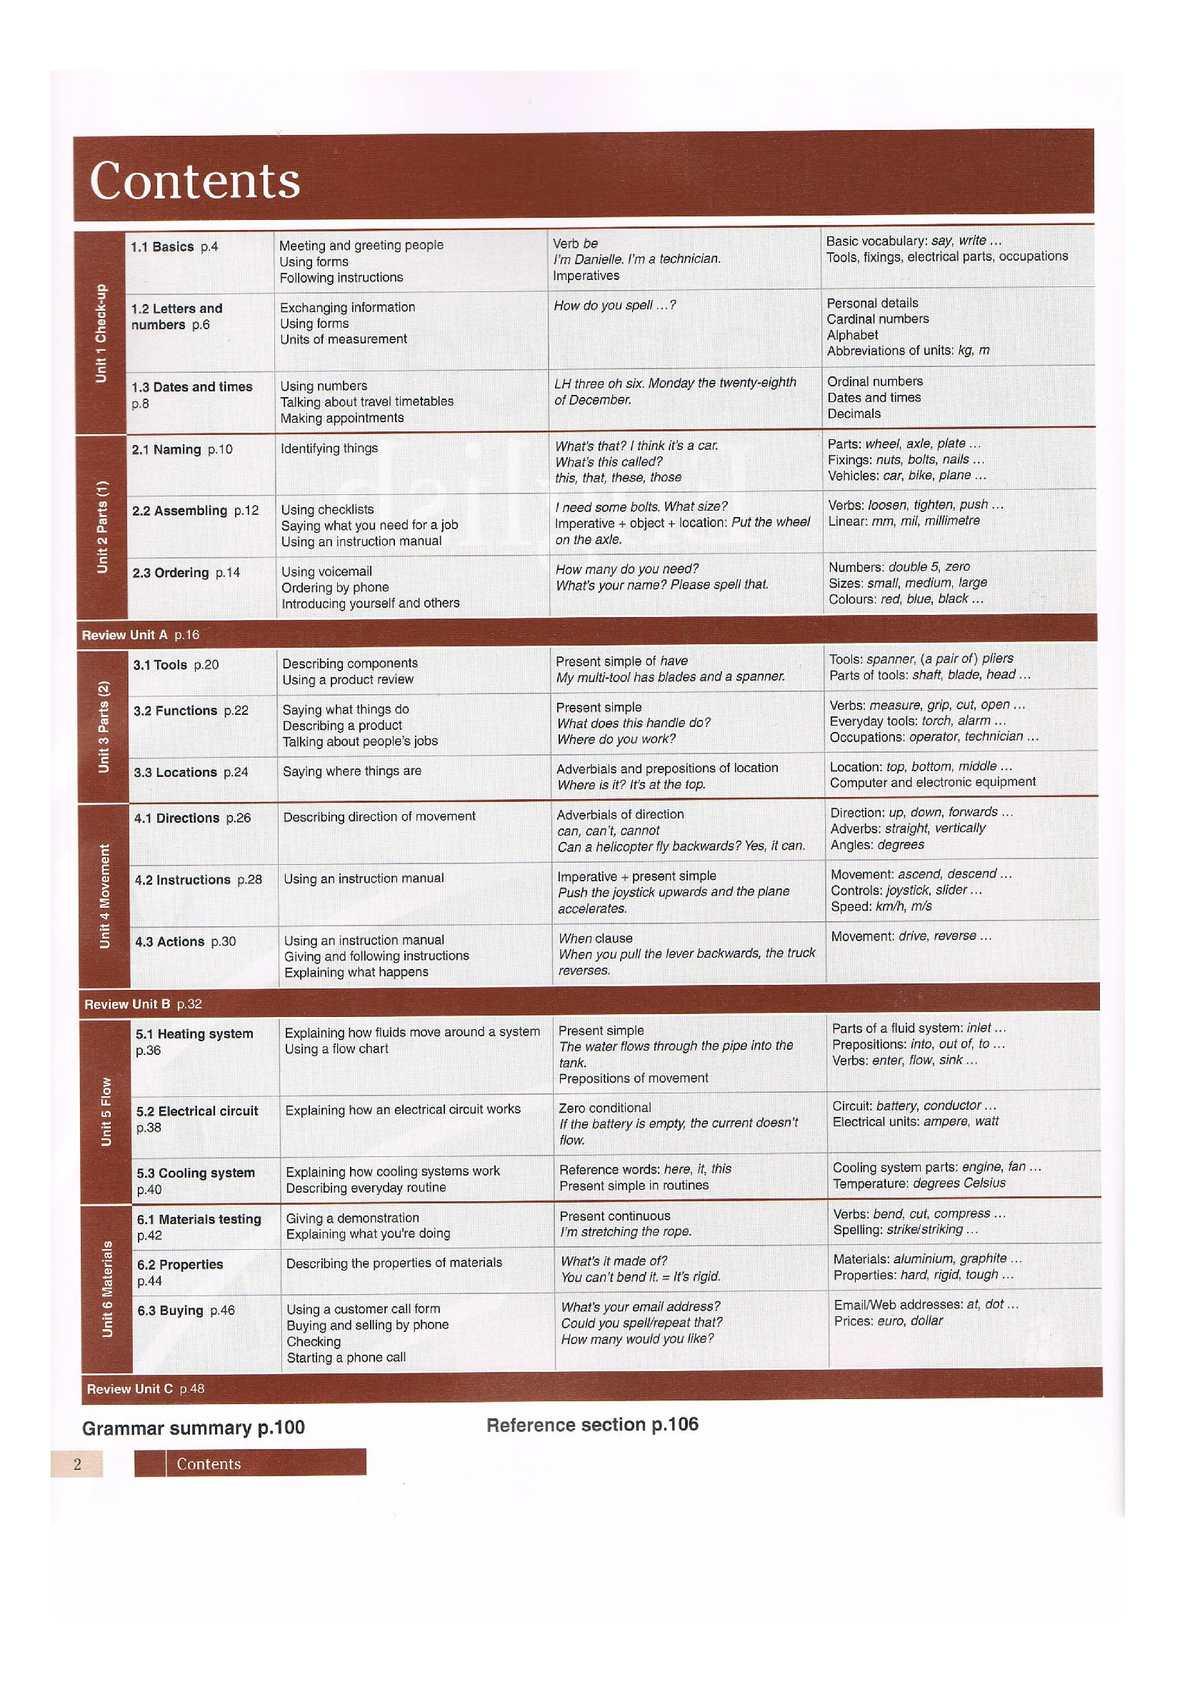 حل كتاب technical english 1 course book